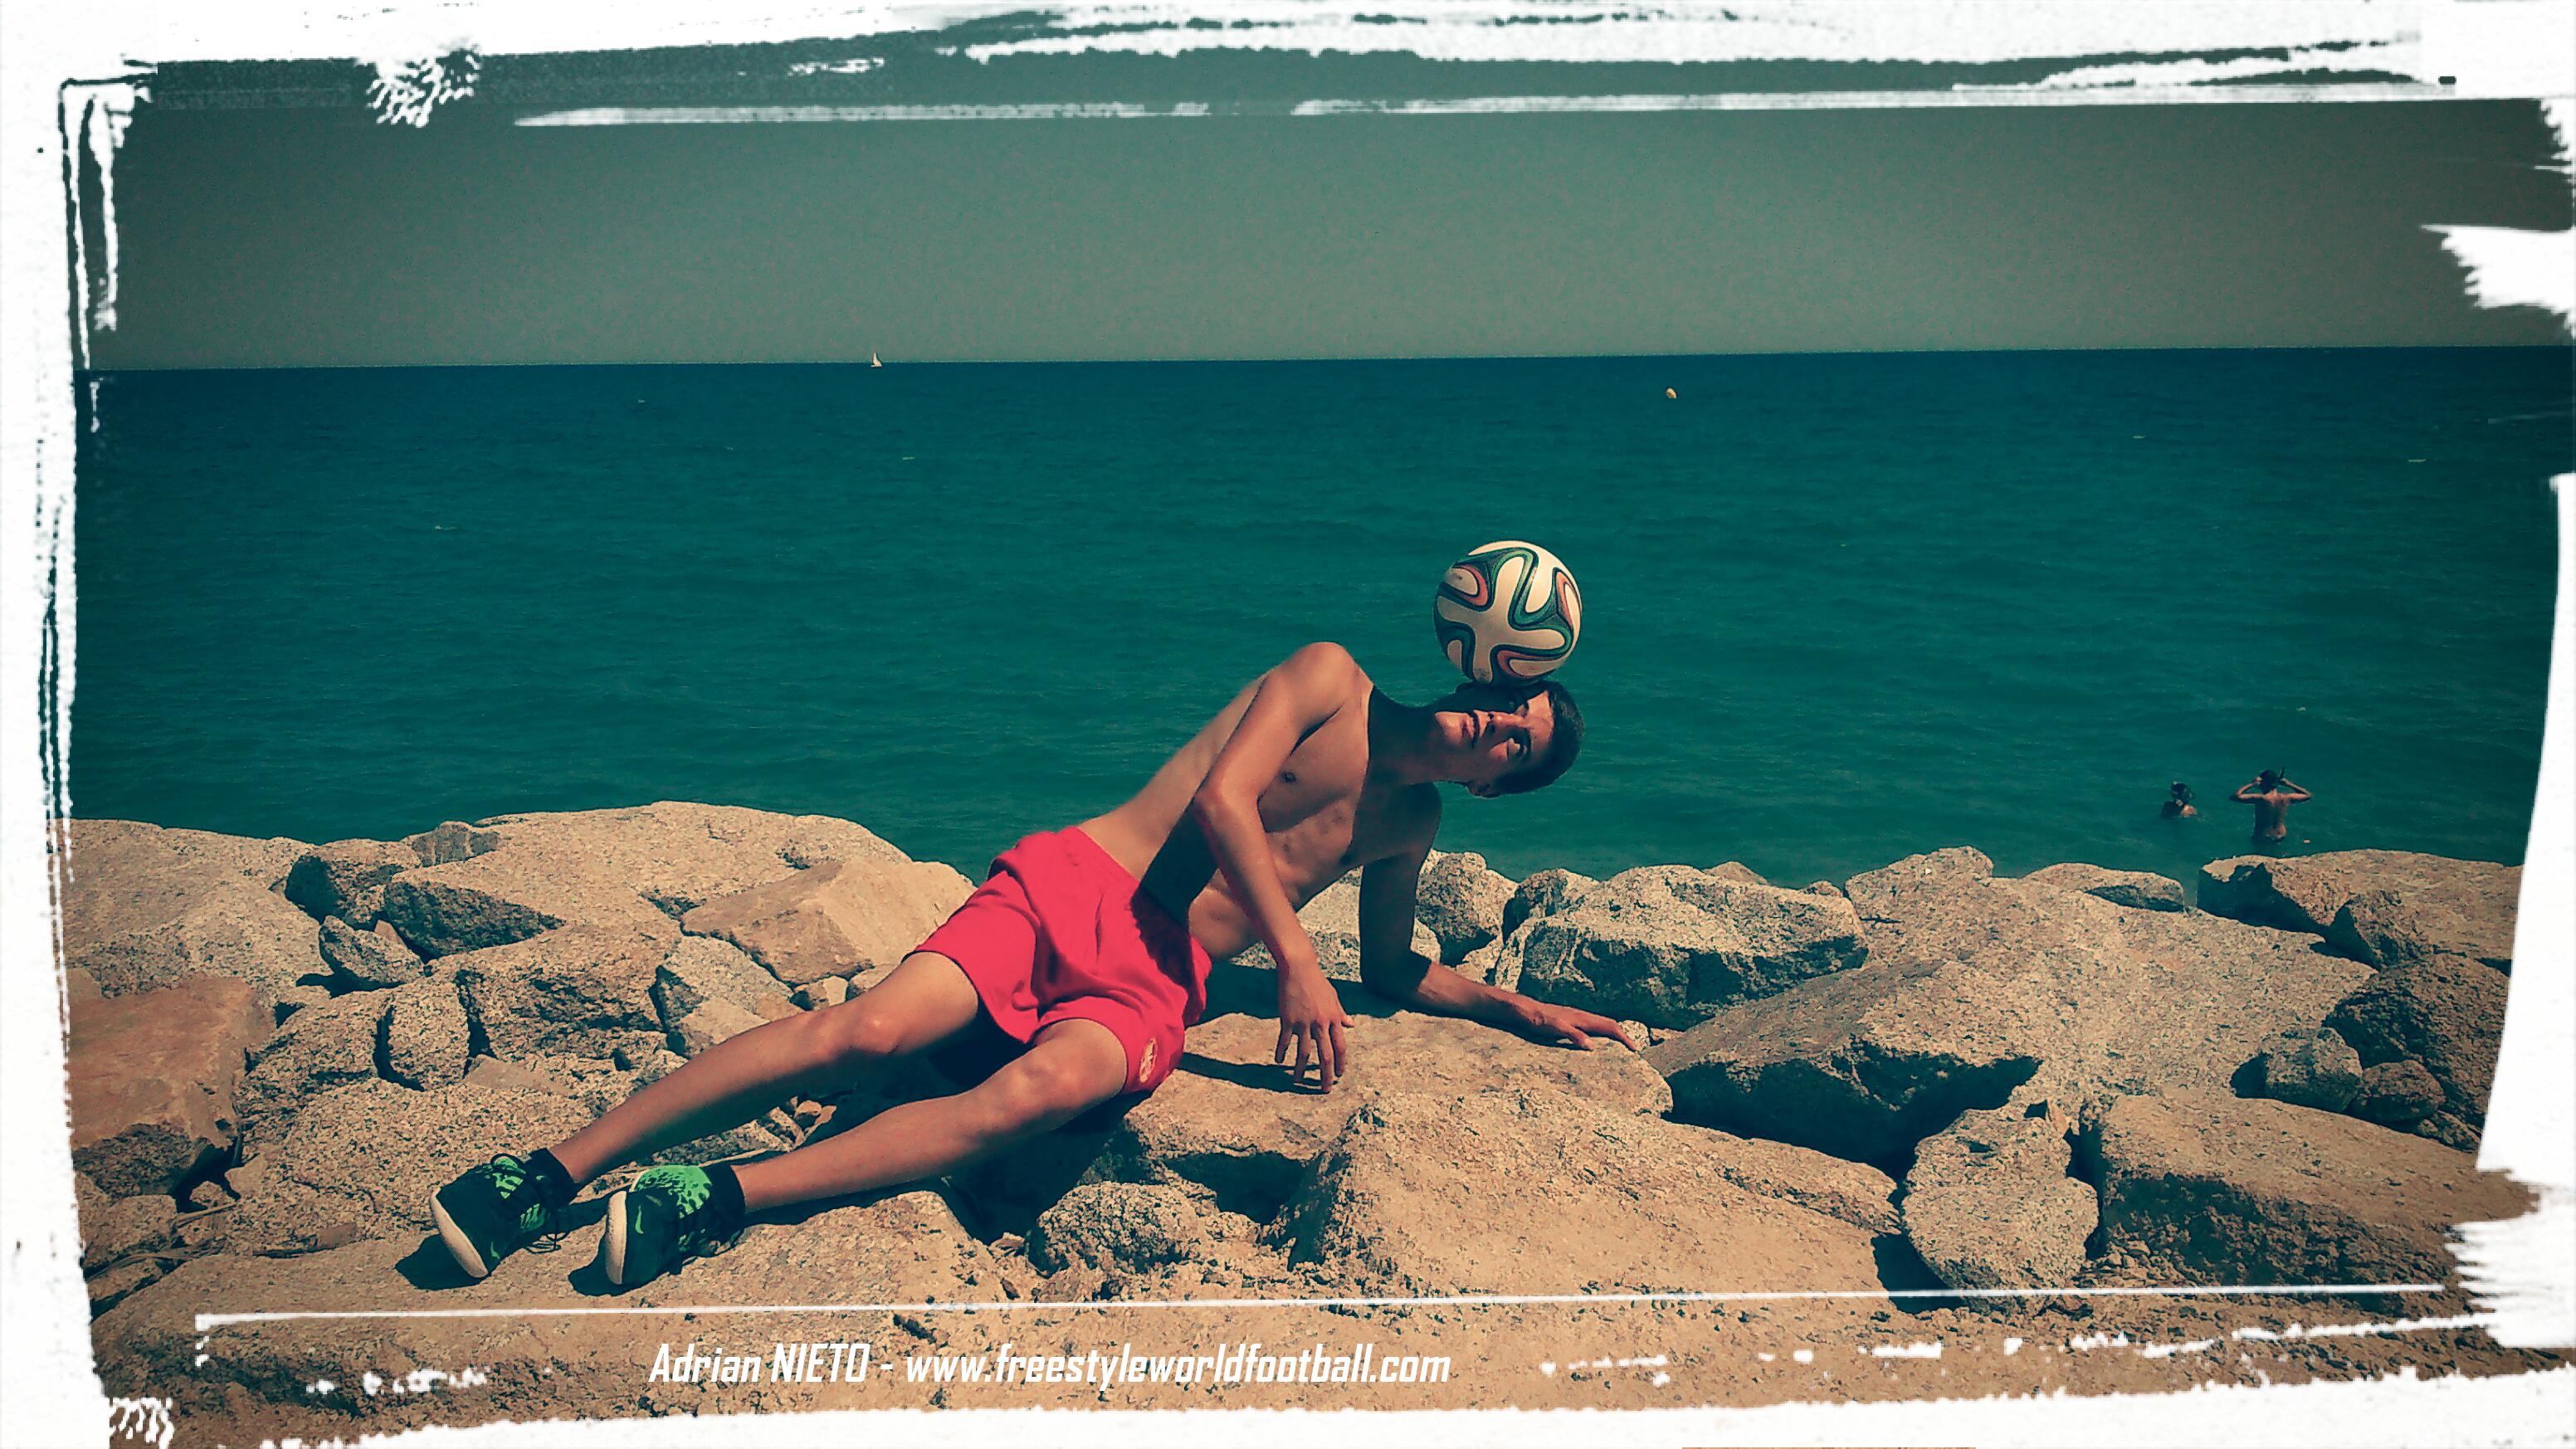 Adrian NIETO - 001 - www.freestyleworldfootball.com.jpg